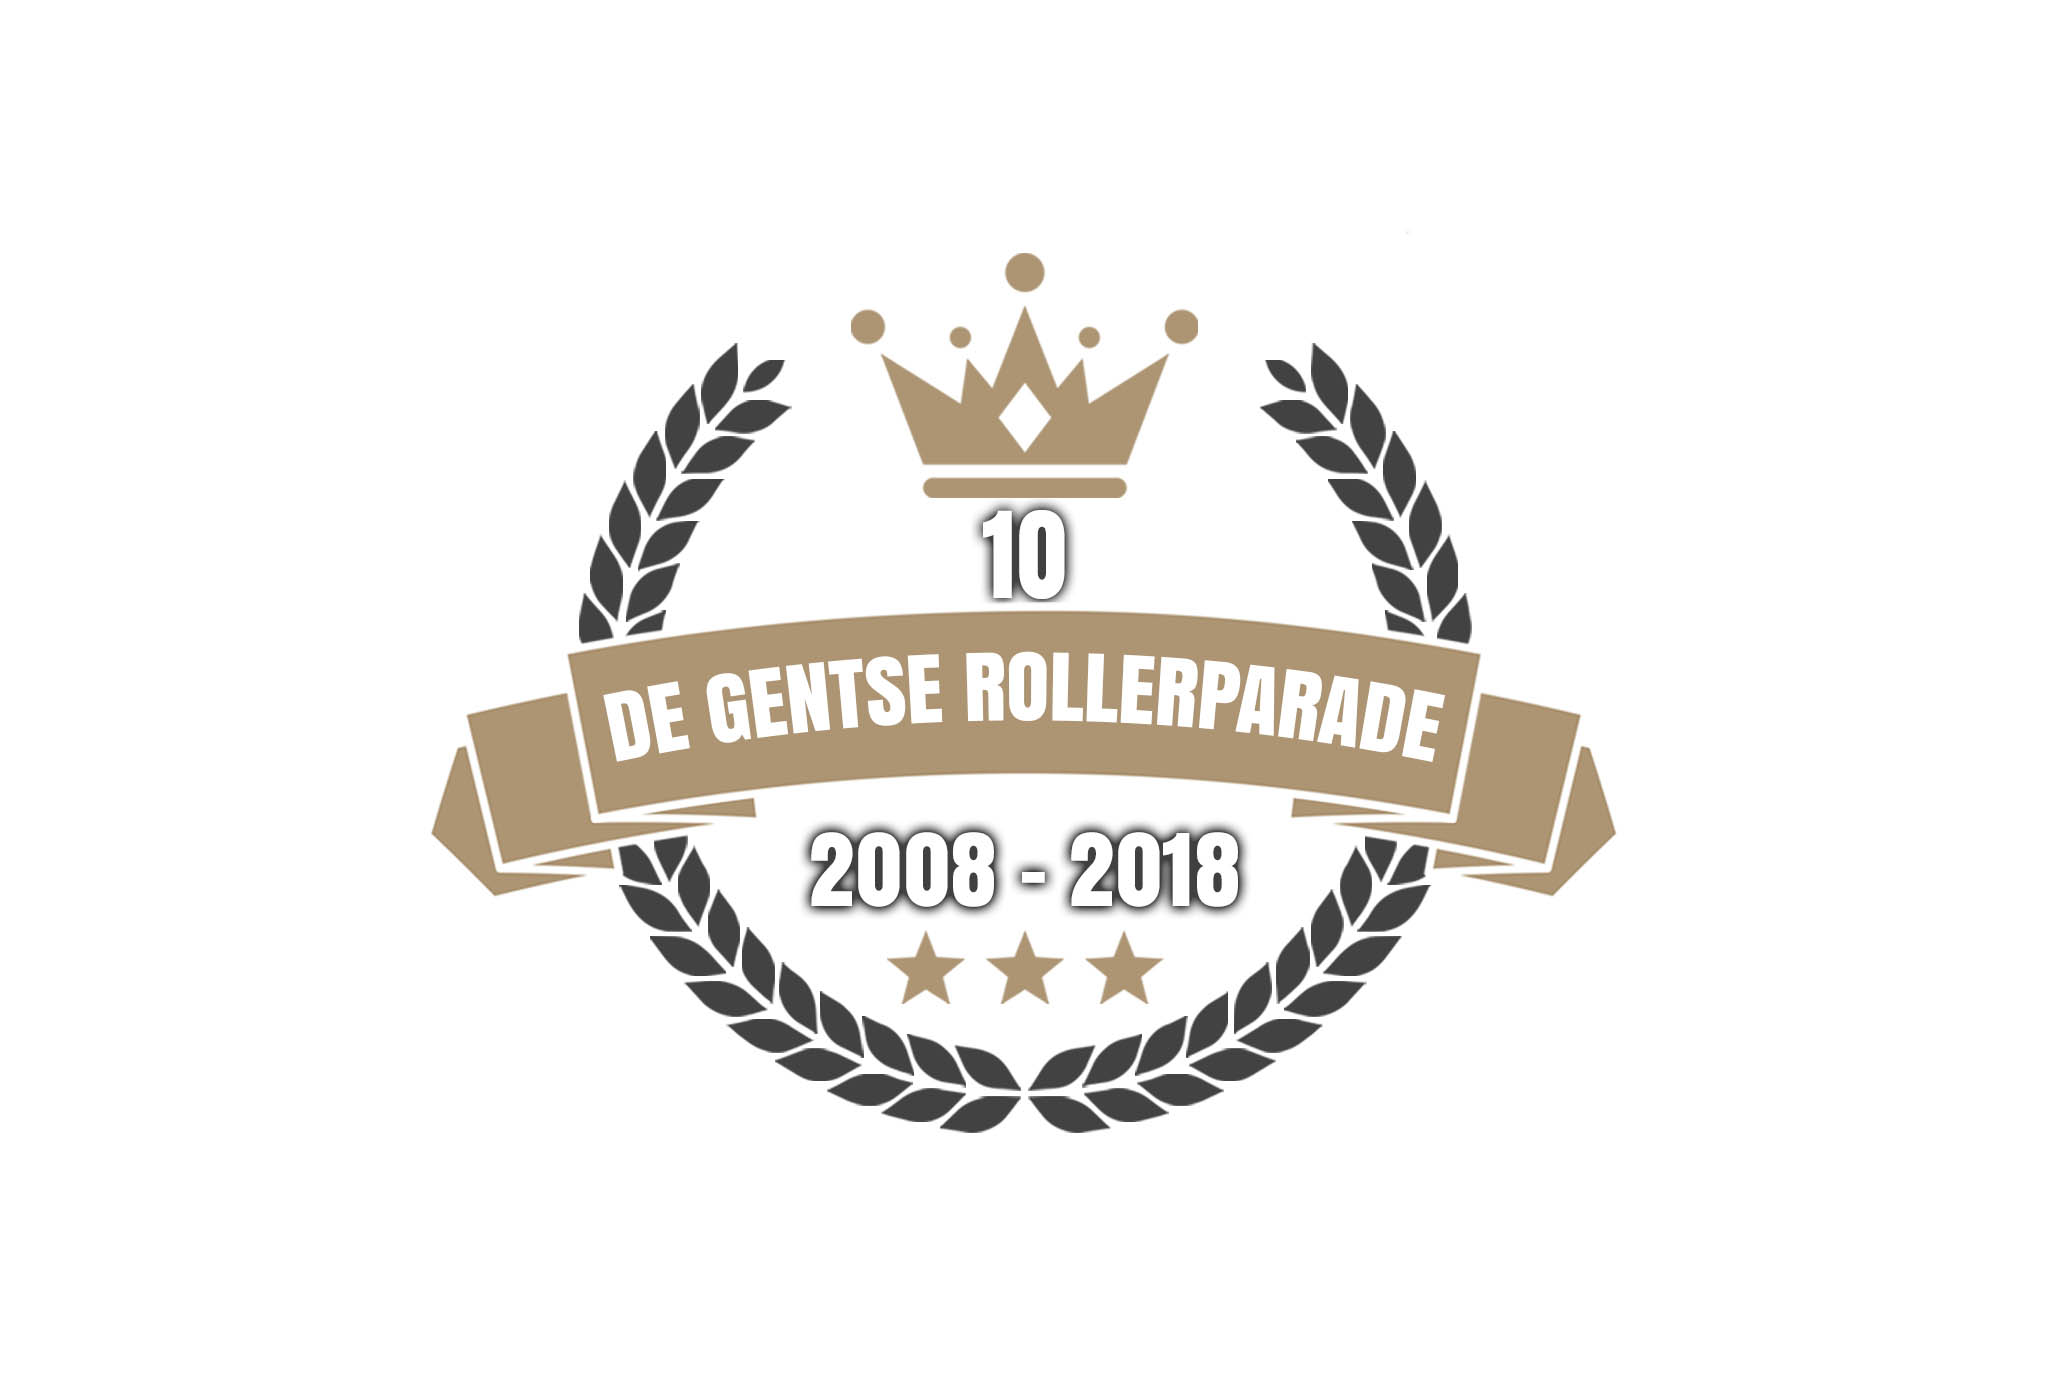 De Gentse Rollerparade 2018 : 10 jaar